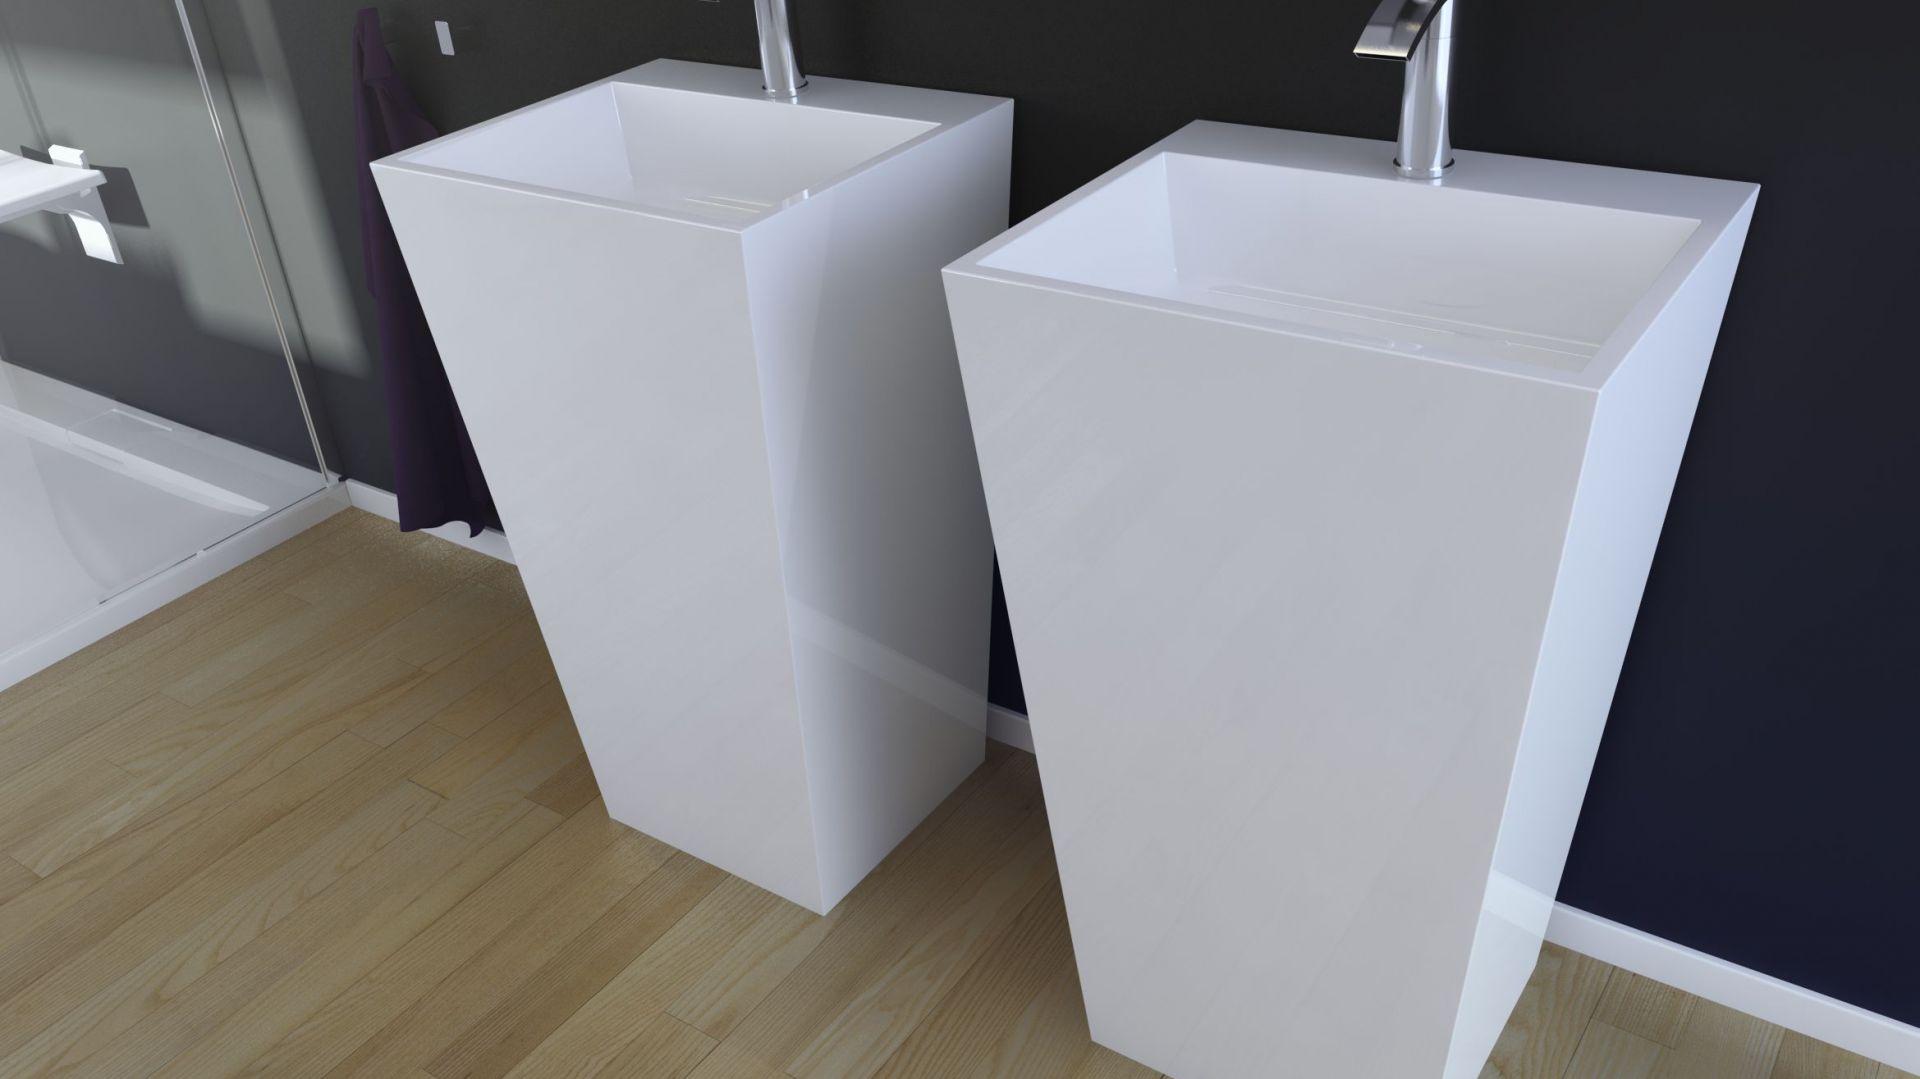 Umywalka Vera/Besco. Produkt zgłoszony do konkursu Dobry Design 2019